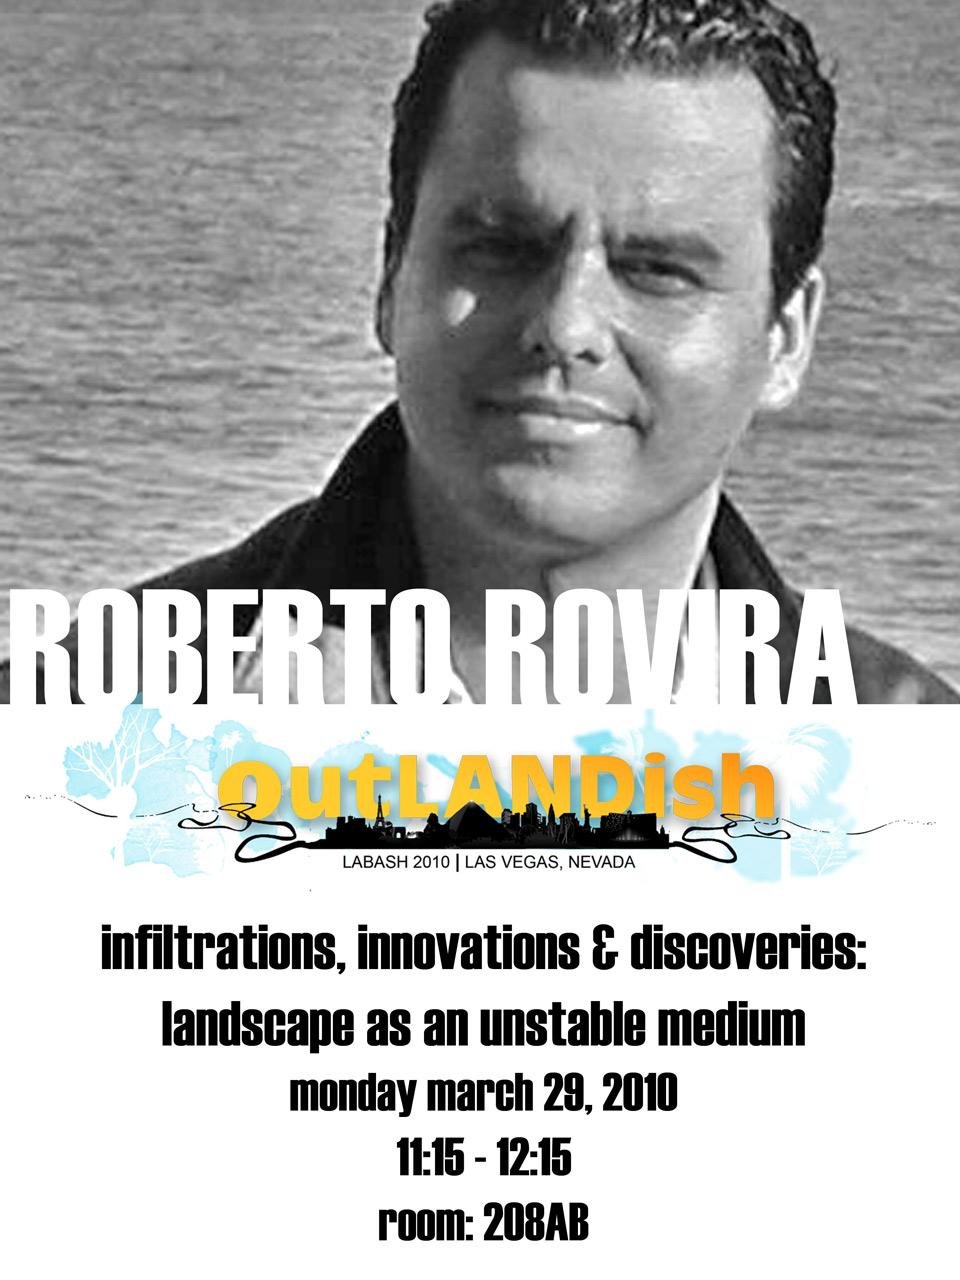 Roberto-Rovira_labash2010_AnnouncementPoster